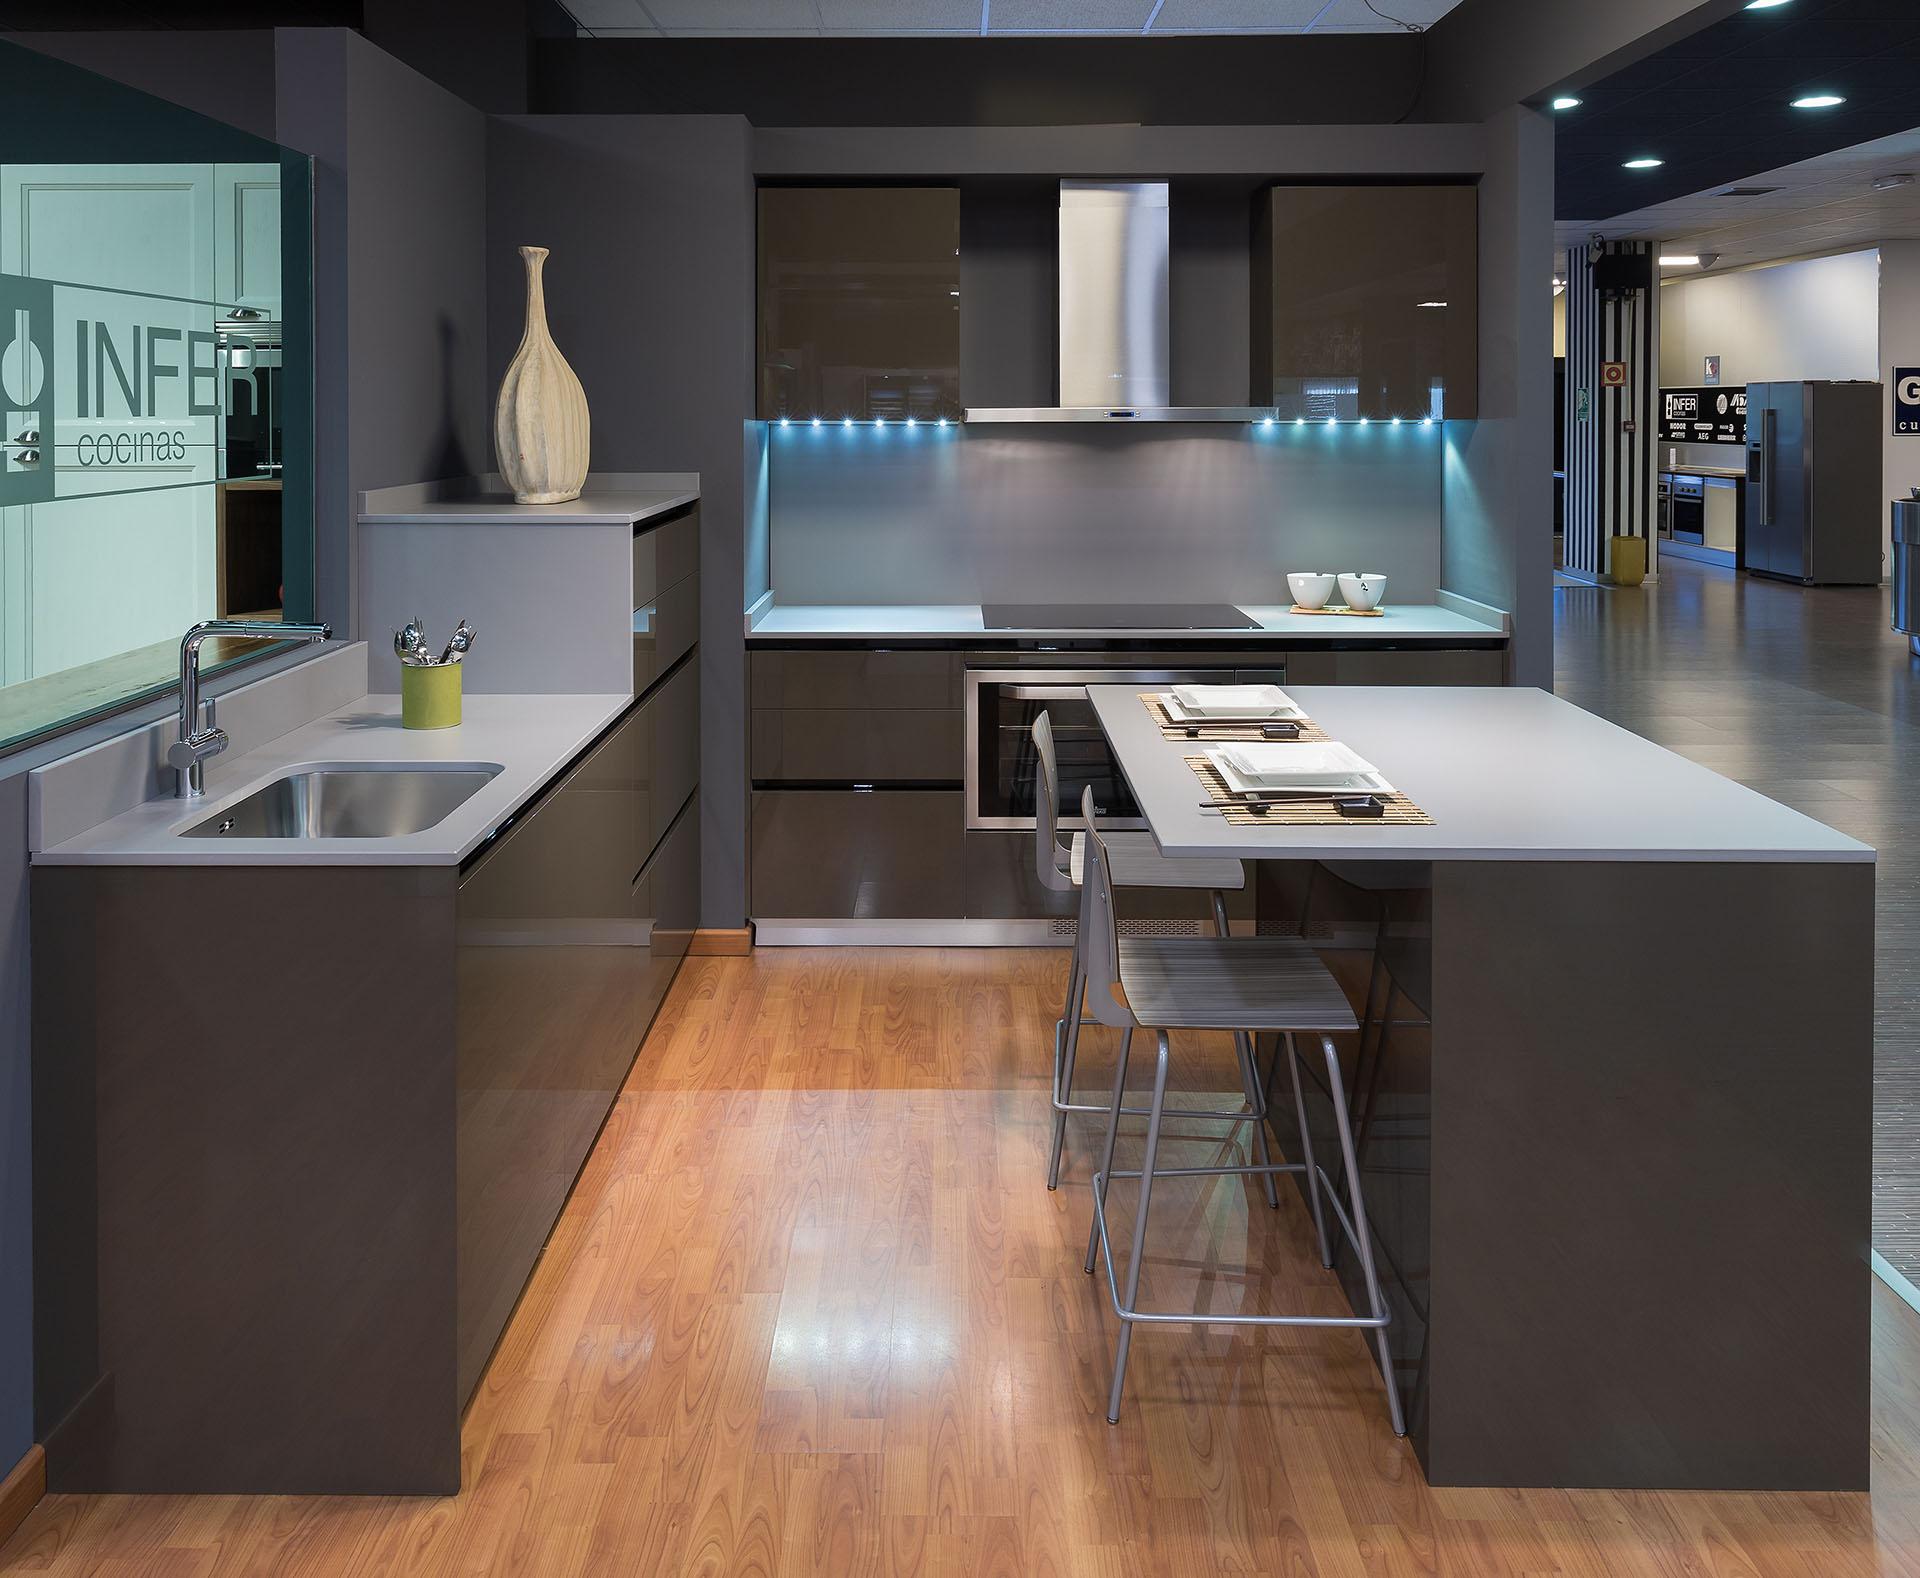 Las cocinas oscuras c mo hacerlas elegantes cocinas rio - Exposicion de cocinas modernas ...